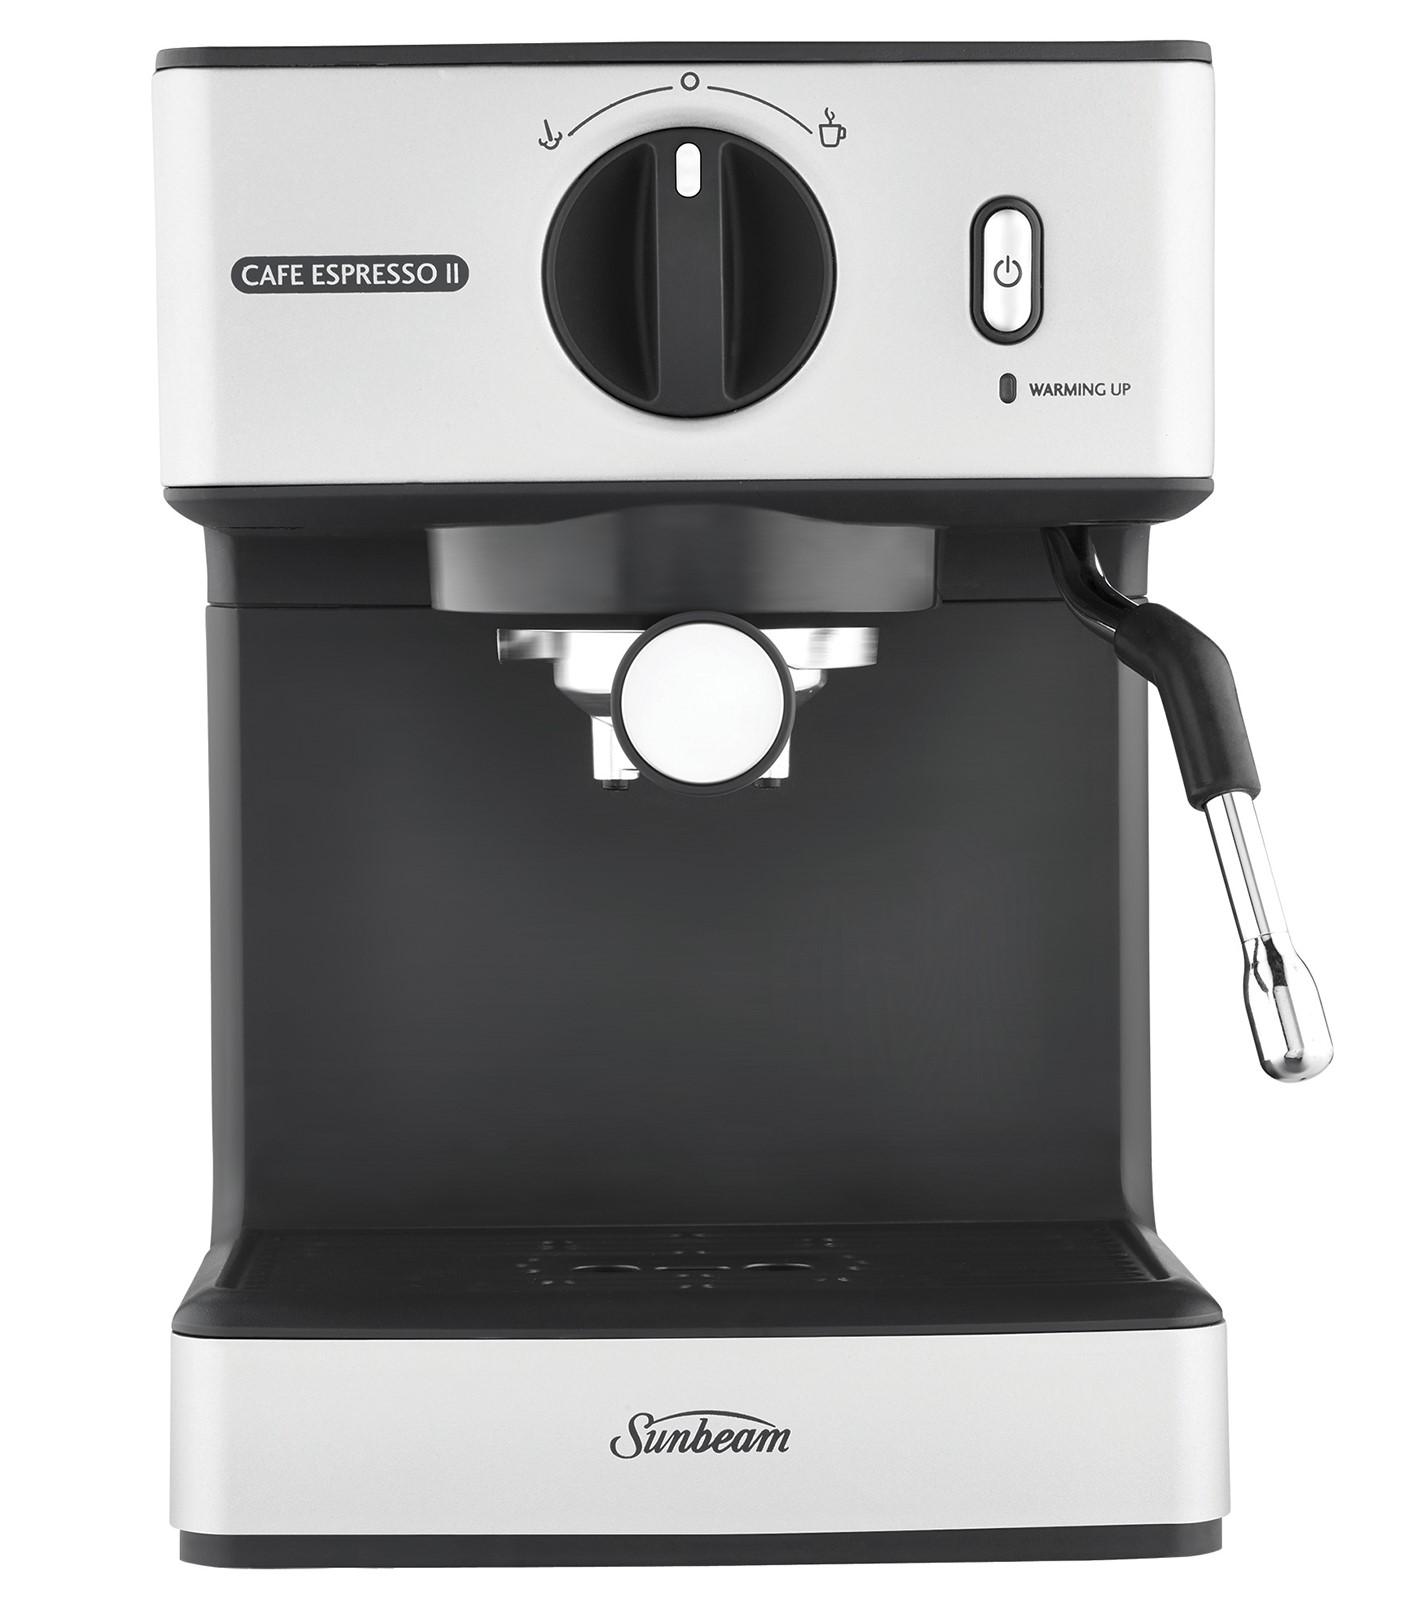 Sunbeam Cafe Espresso II EM3820 Reviews - ProductReview.com.au